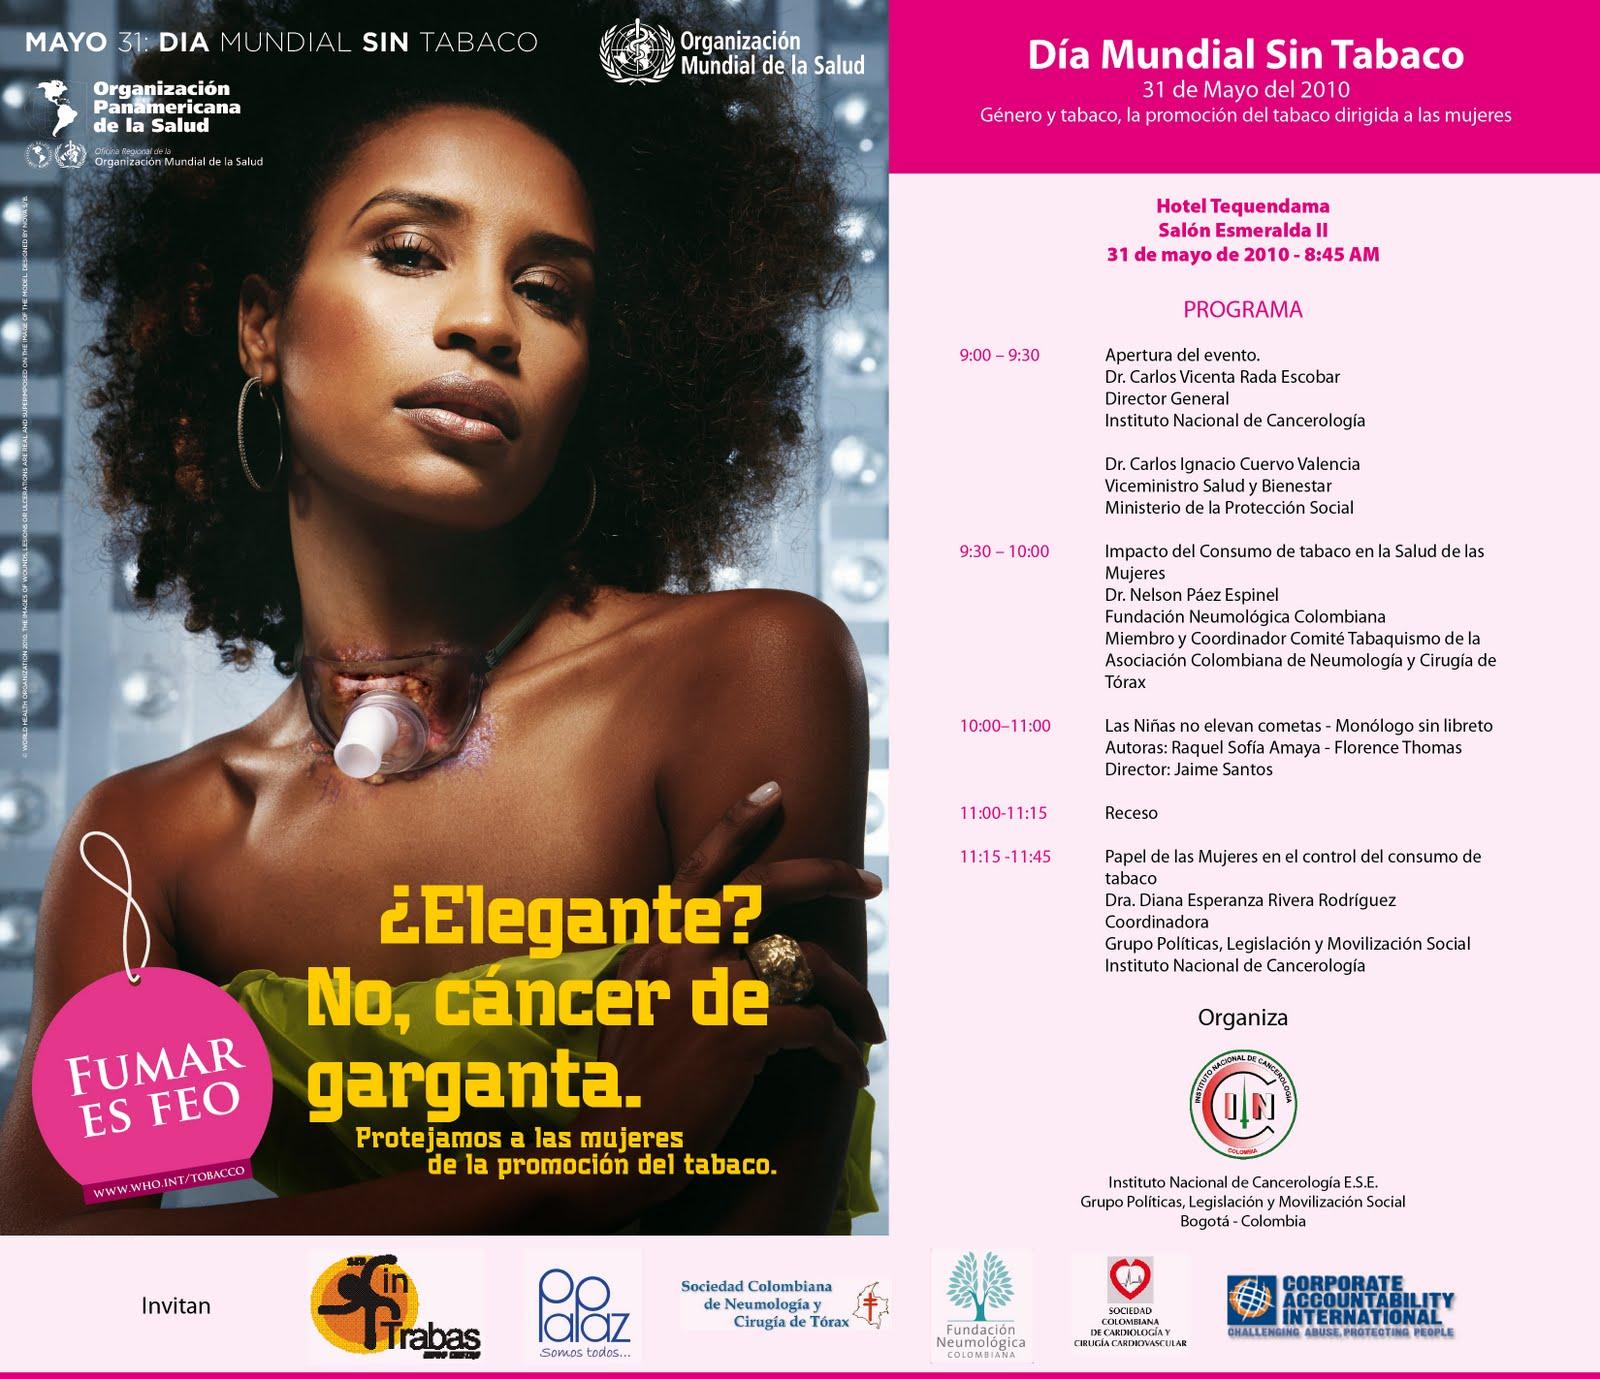 Concurso de fotograf a no fumar es la actitud 31 de mayo de 2010 d a mundial sin tabaco - 3 meses sin fumar ...